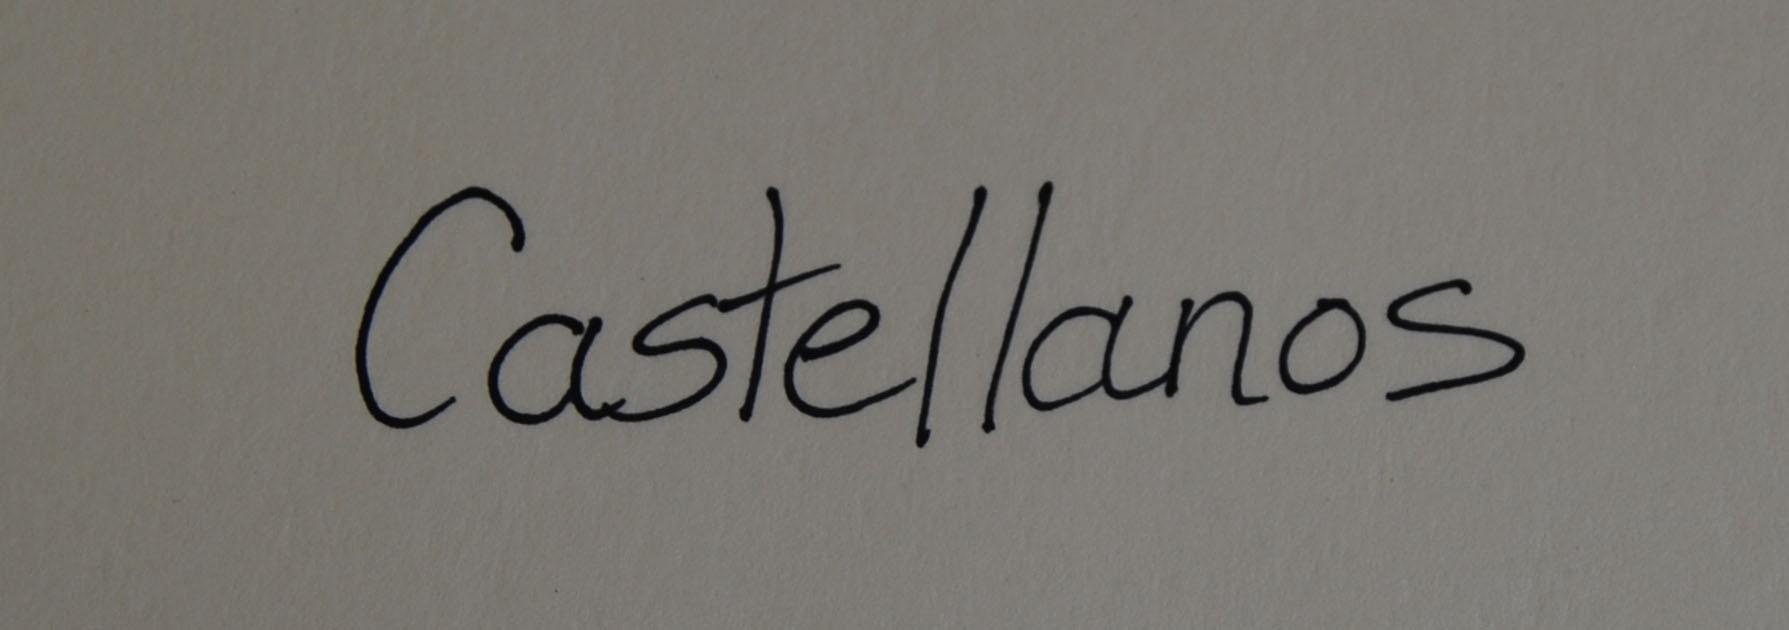 Teresa Castellanos's Signature